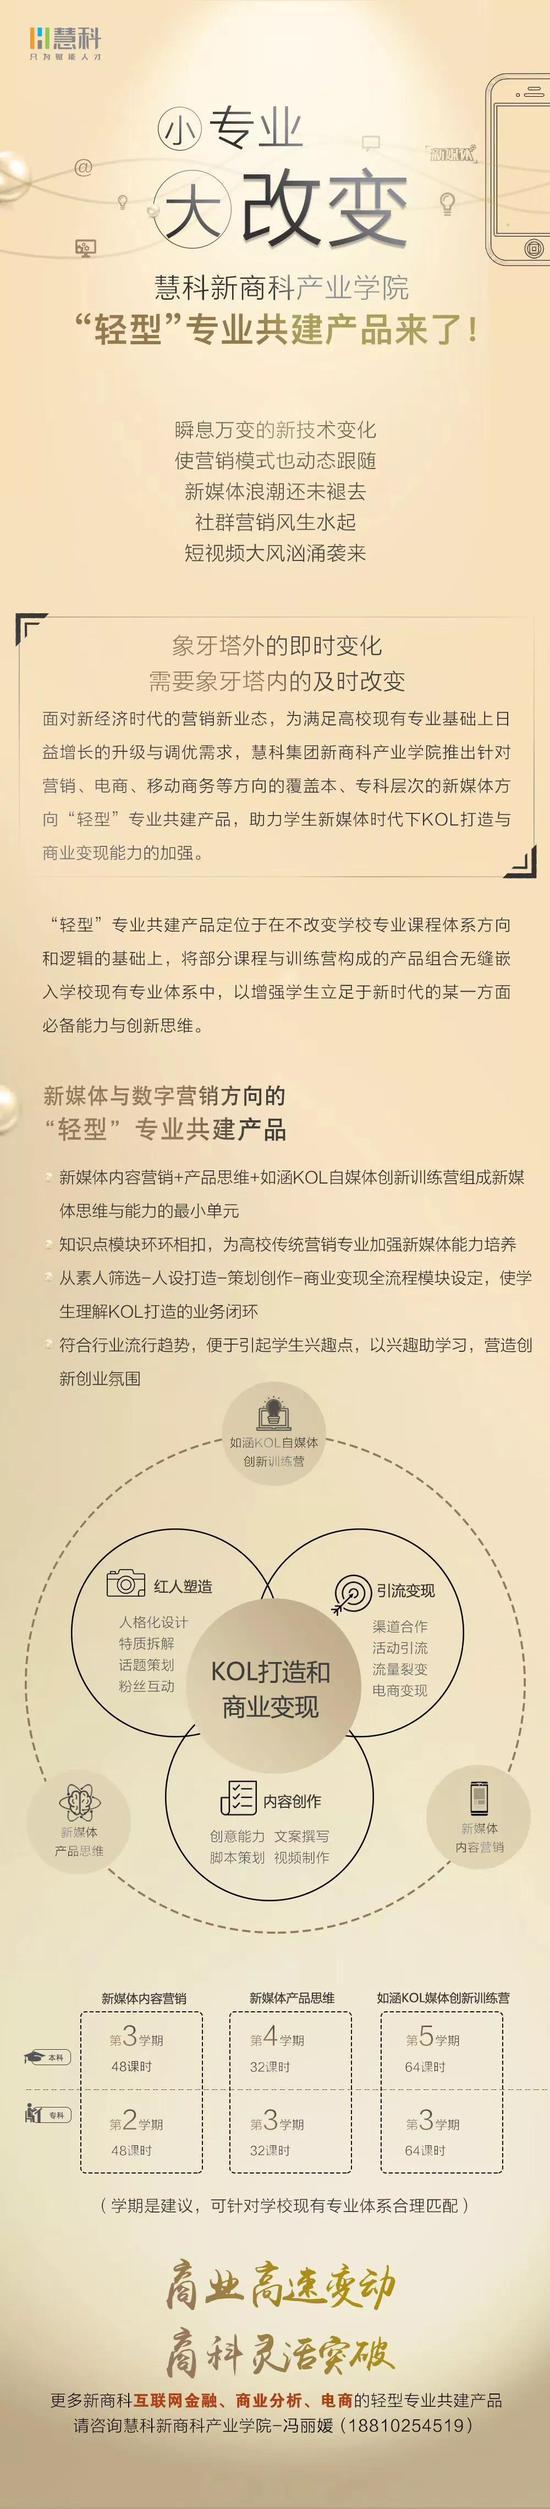 """慧科联合如涵文化推出""""KOL自媒体创新训练营"""""""